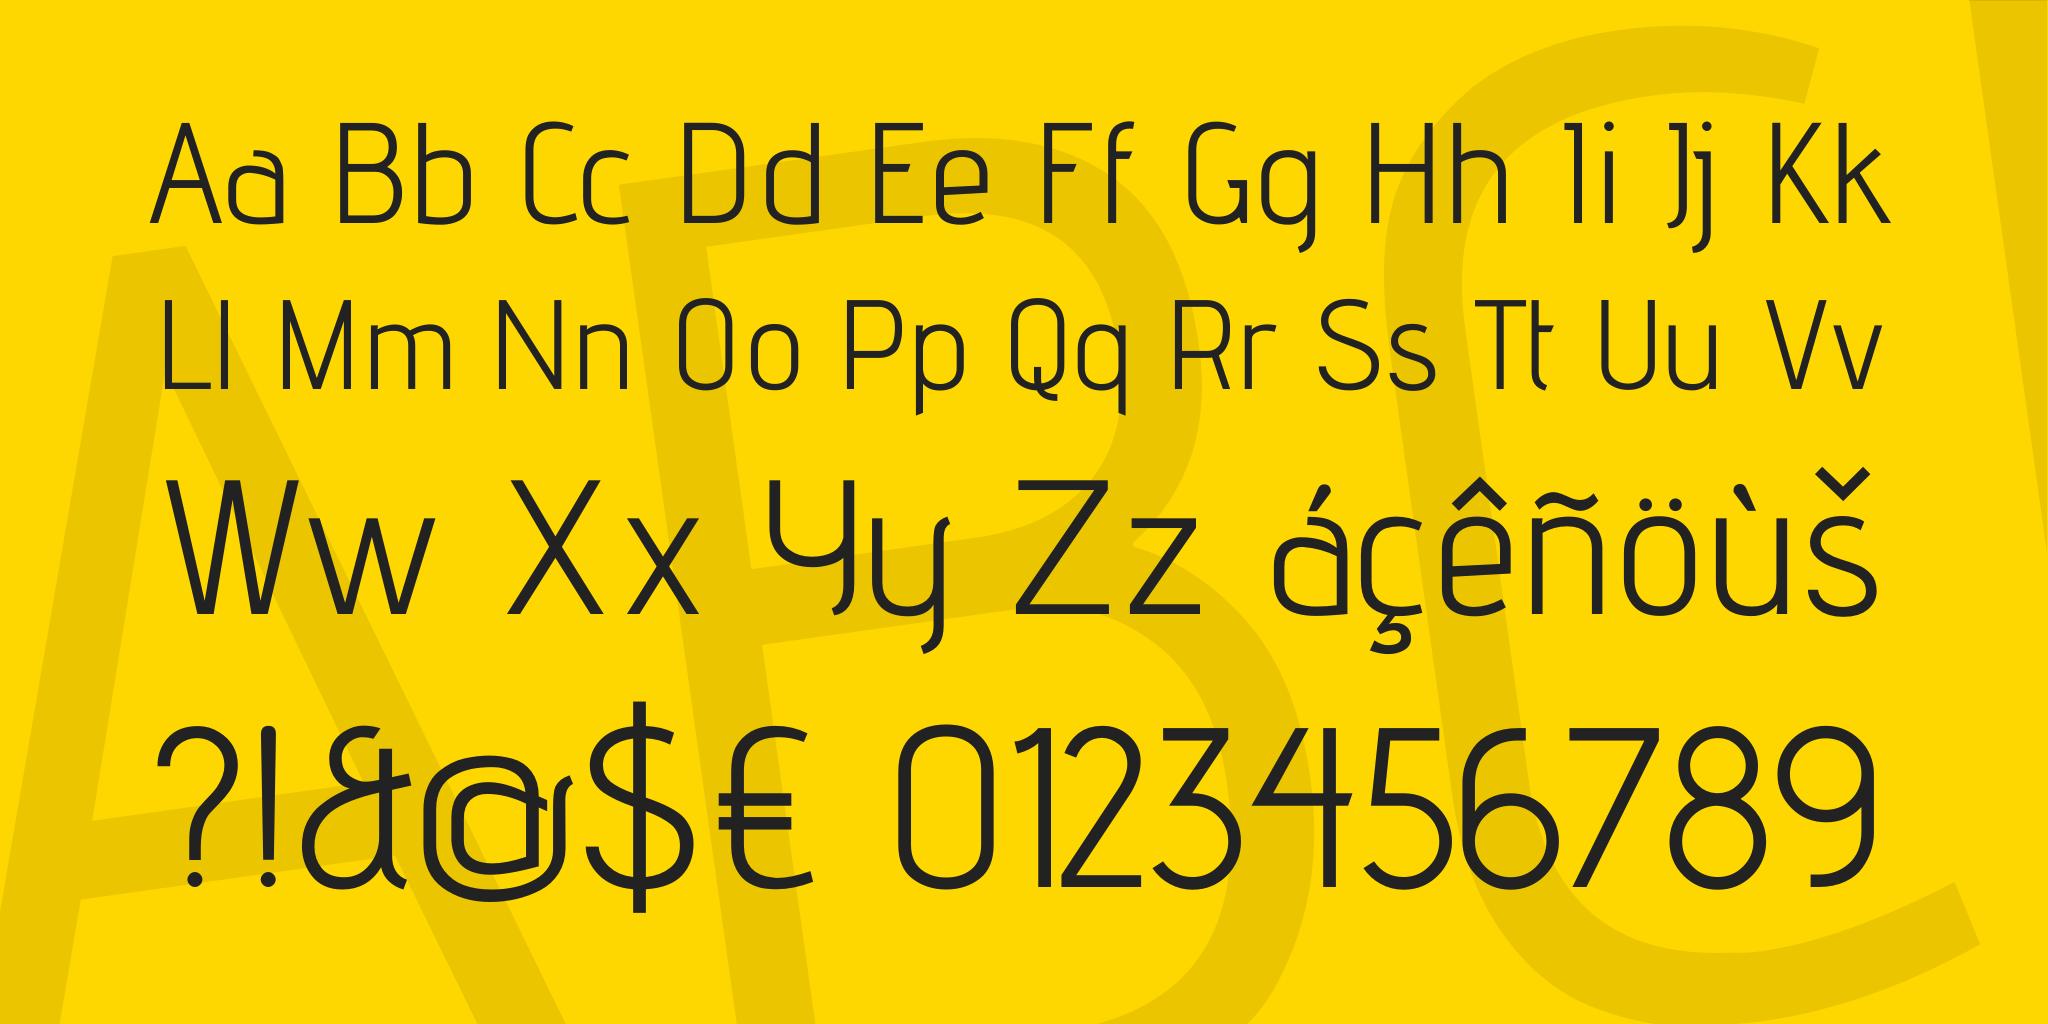 advent-pro-font-4-original